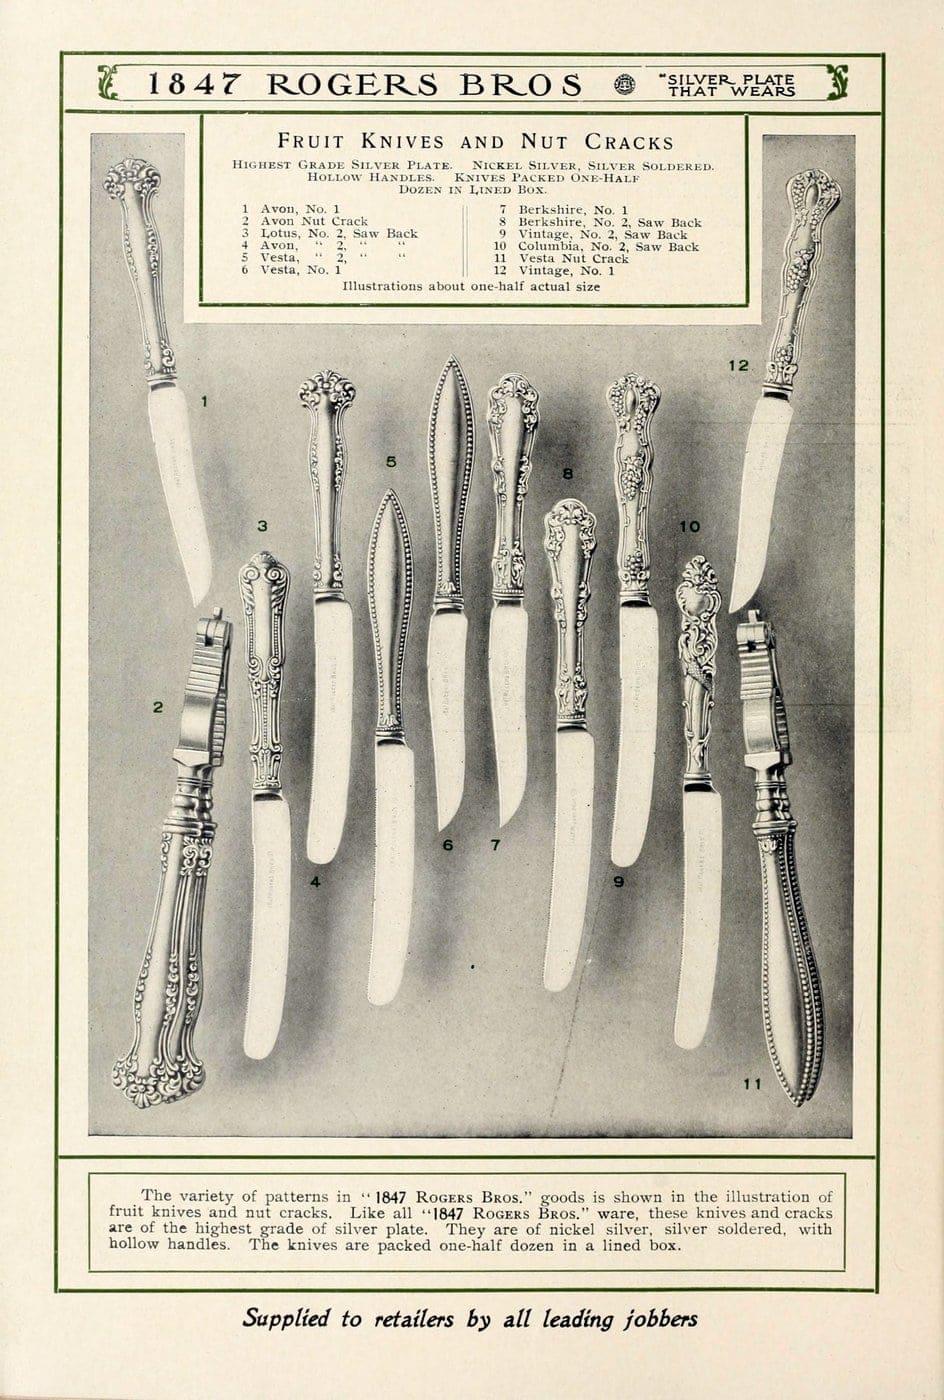 1847 Rogers Bros silver pieces (11)